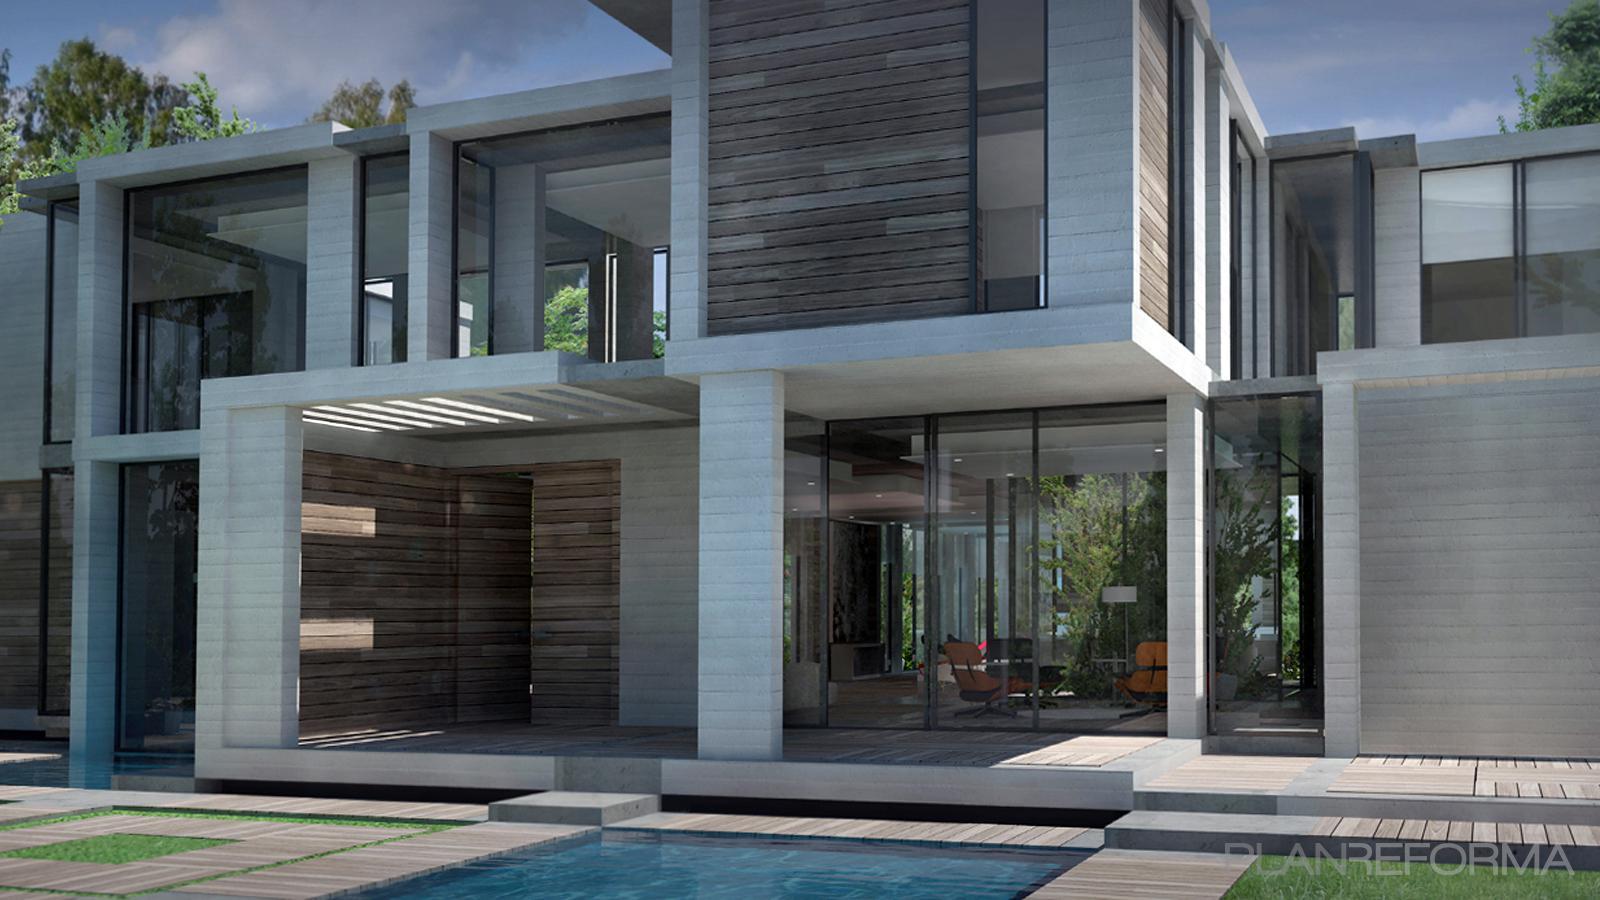 Piscina, Exterior, Jardin Estilo moderno Color gris  diseñado por UP PROYECTOS Y CONSTRUCCIONES | Gremio | Copyright UP PROYECTOS Y CONSTRUCCIONES